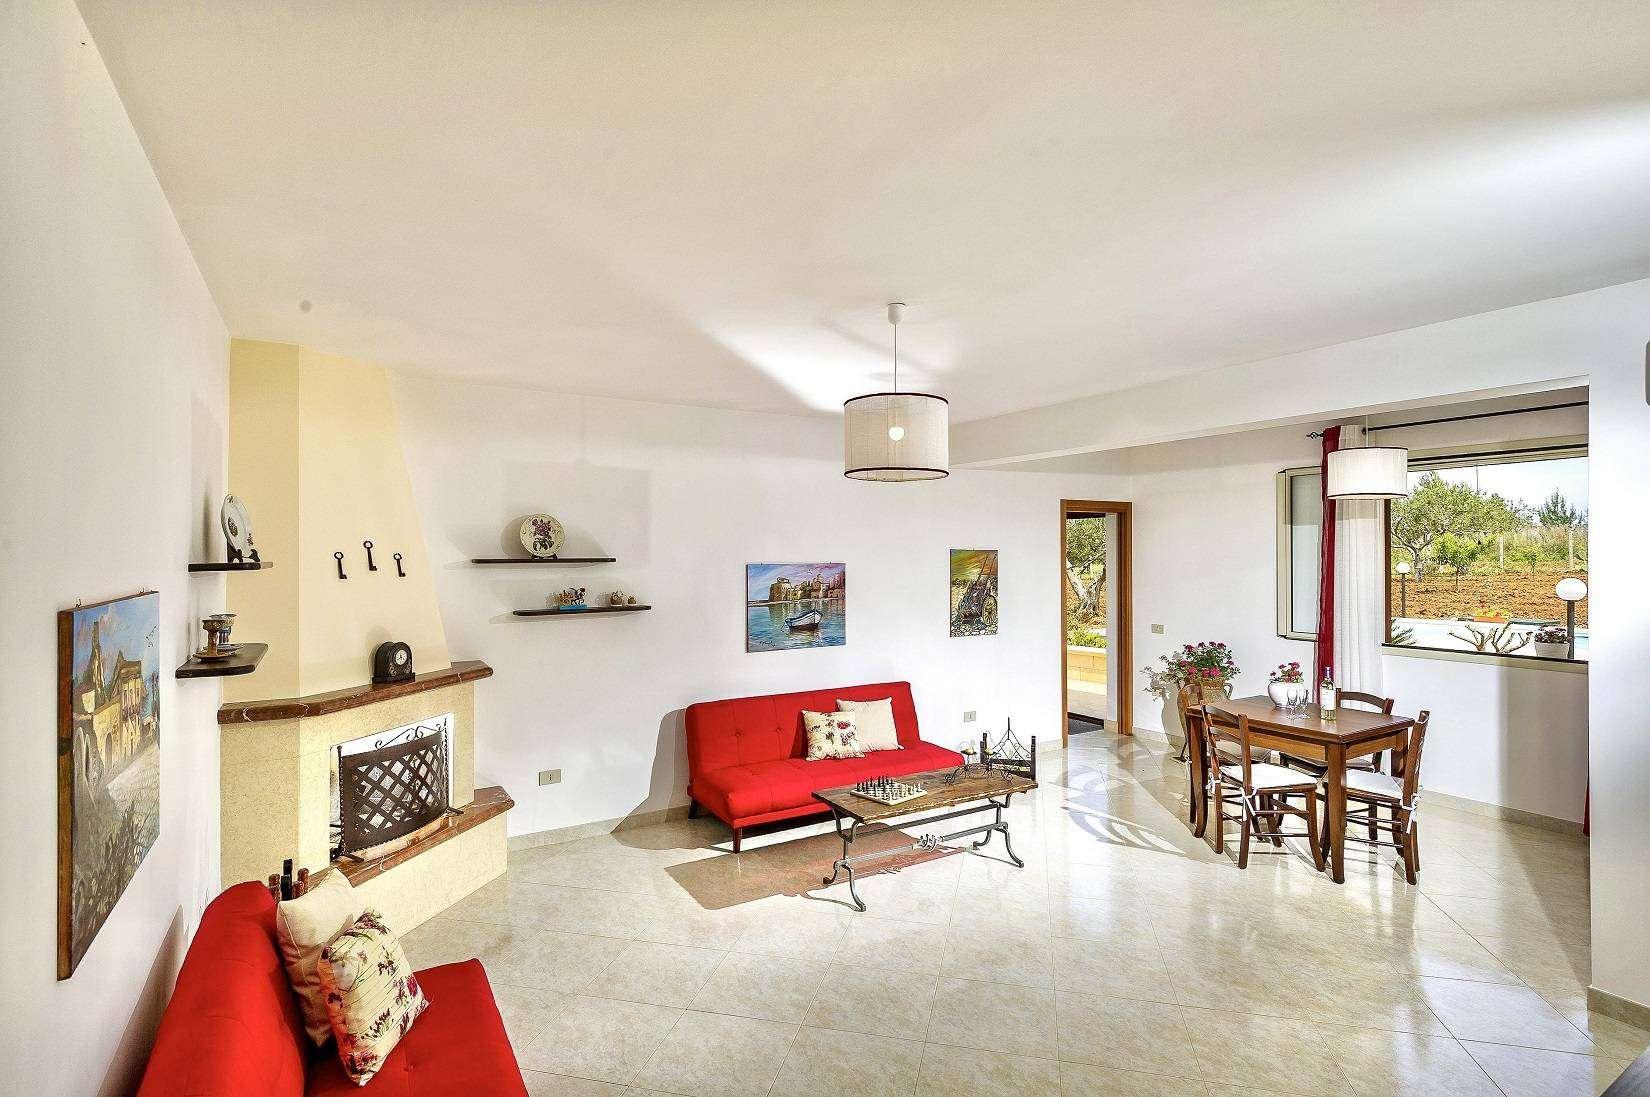 6 Zagara Living room